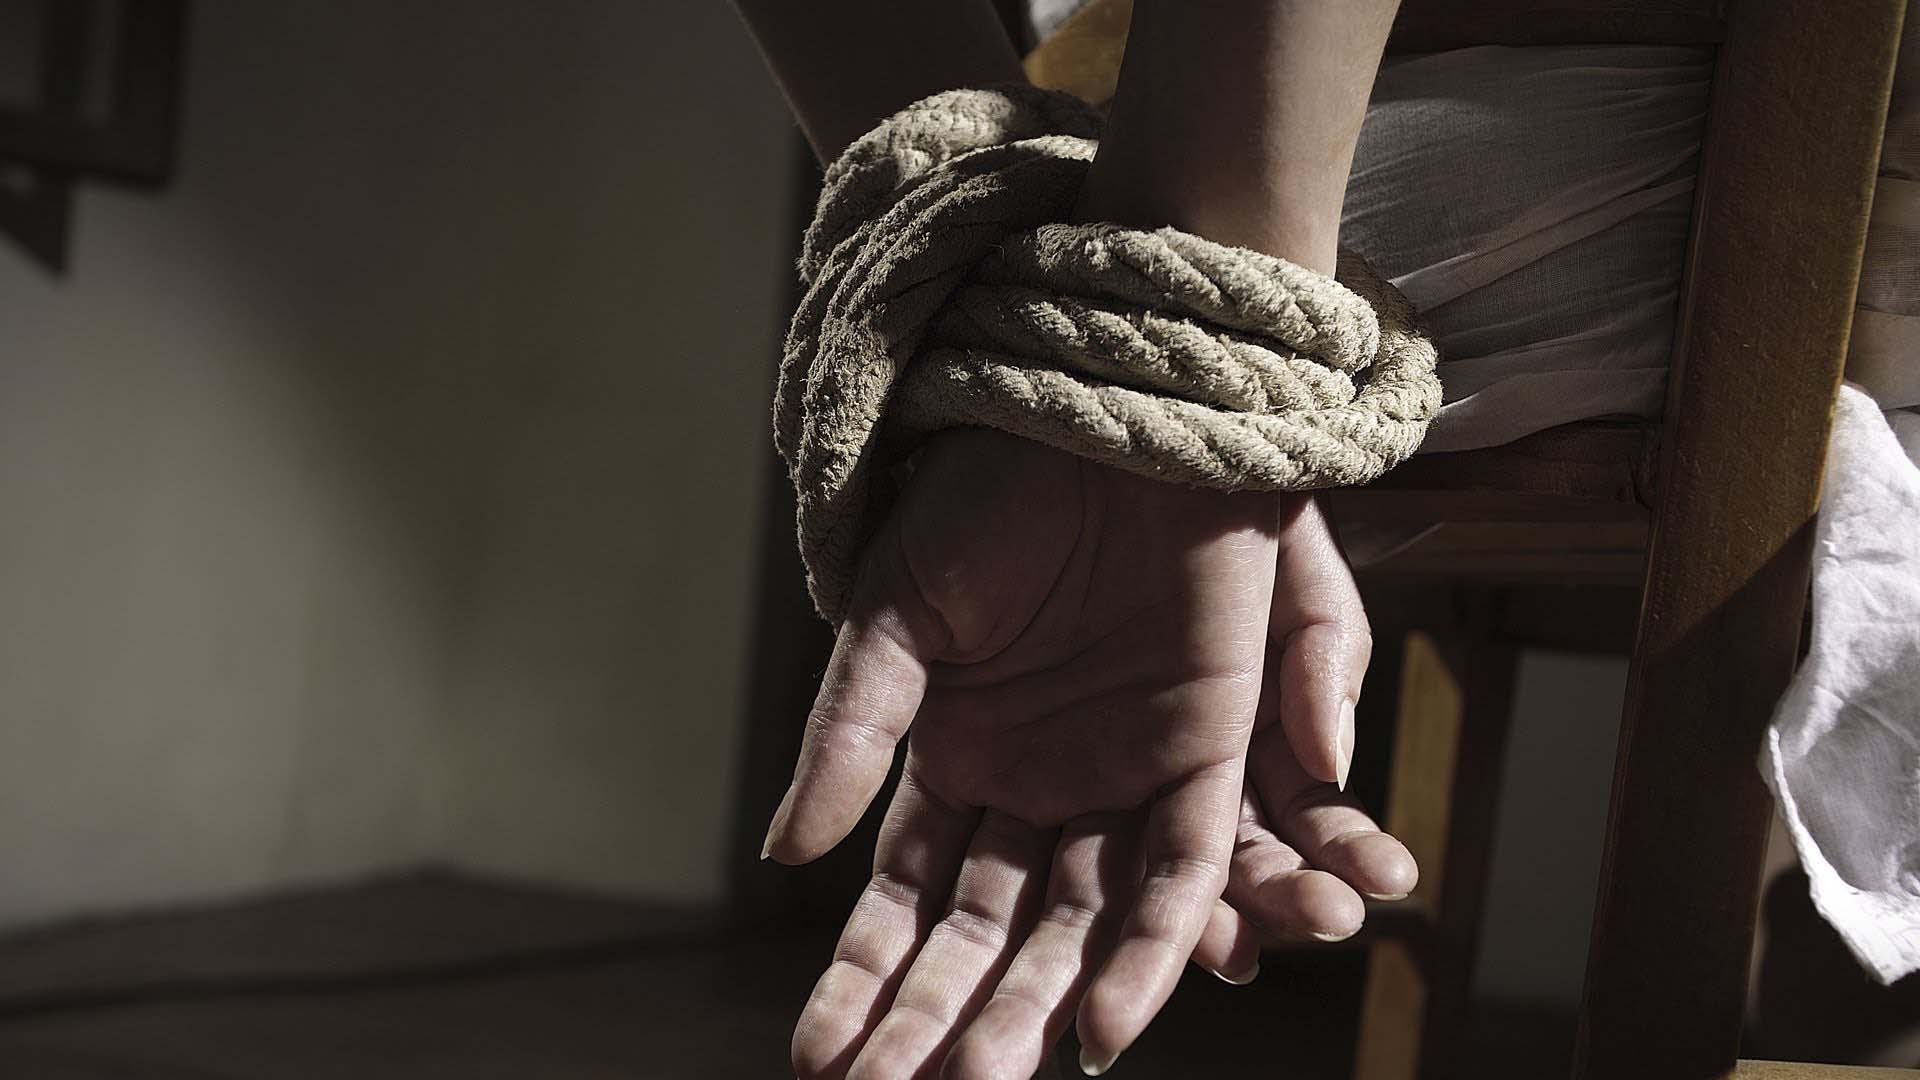 Hasta el primer semestre del 2016, se contabilizaron 121 secuestros en su mayoría implicados a la delincuencia común